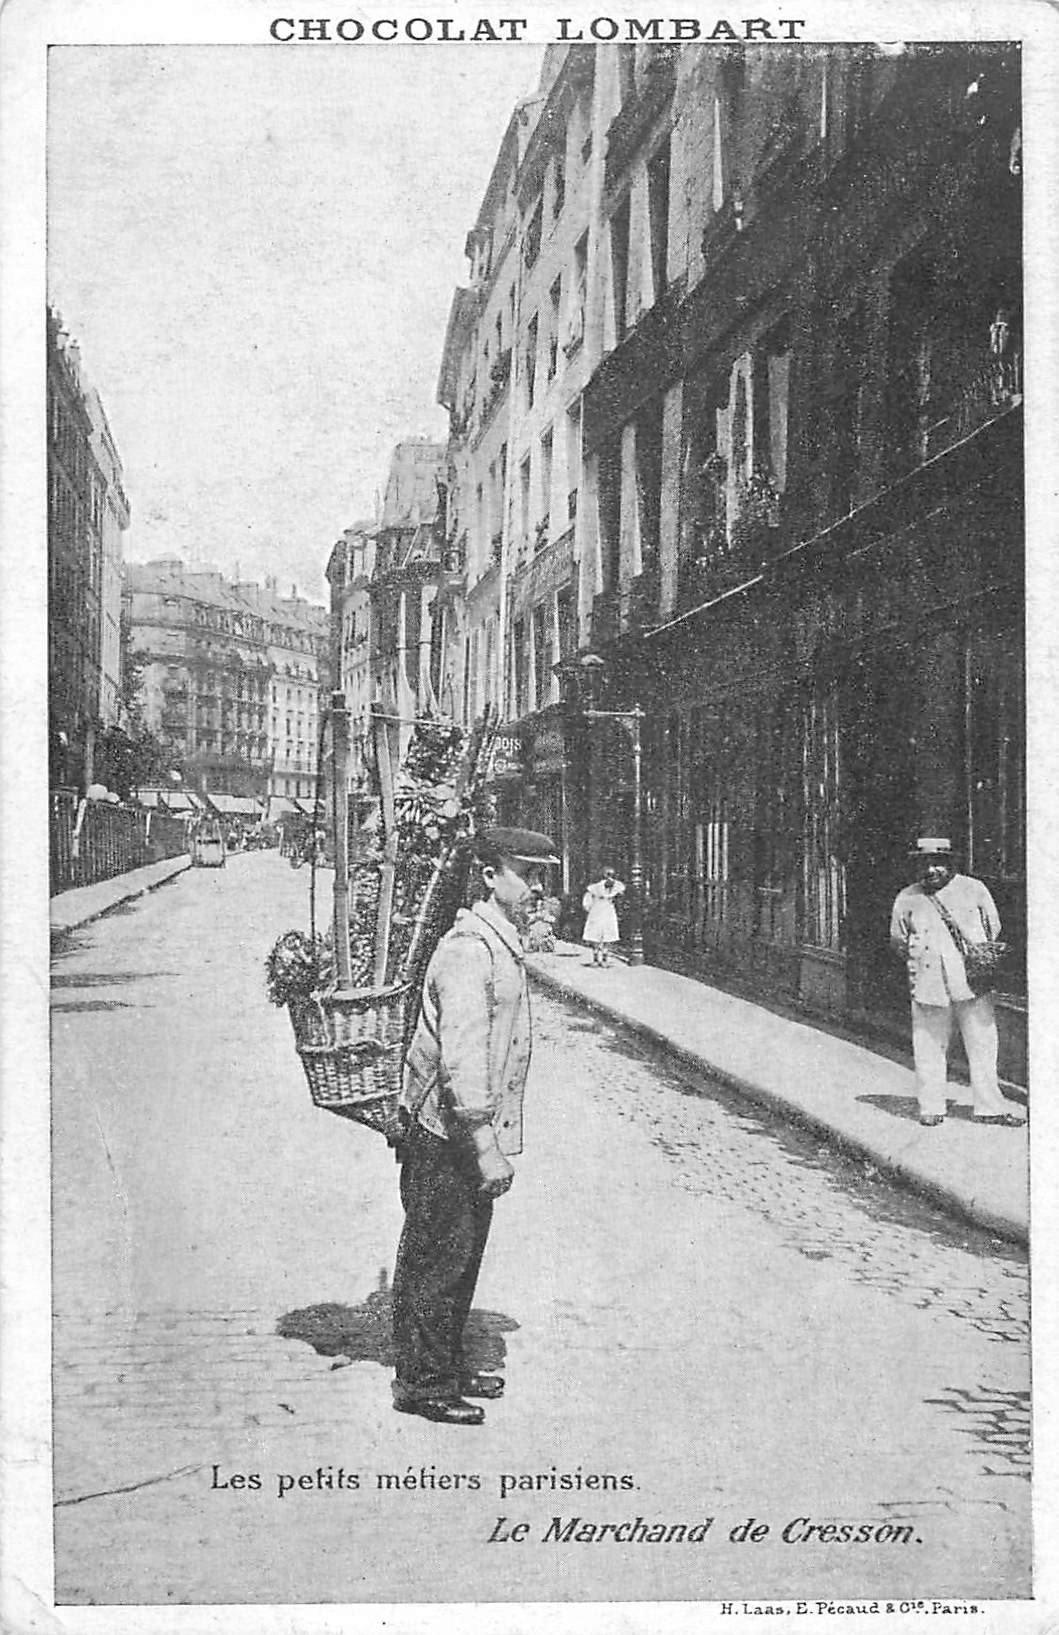 Série les petits Métiers parisiens. Le Marchand de Cresson. Chocolat Lombard